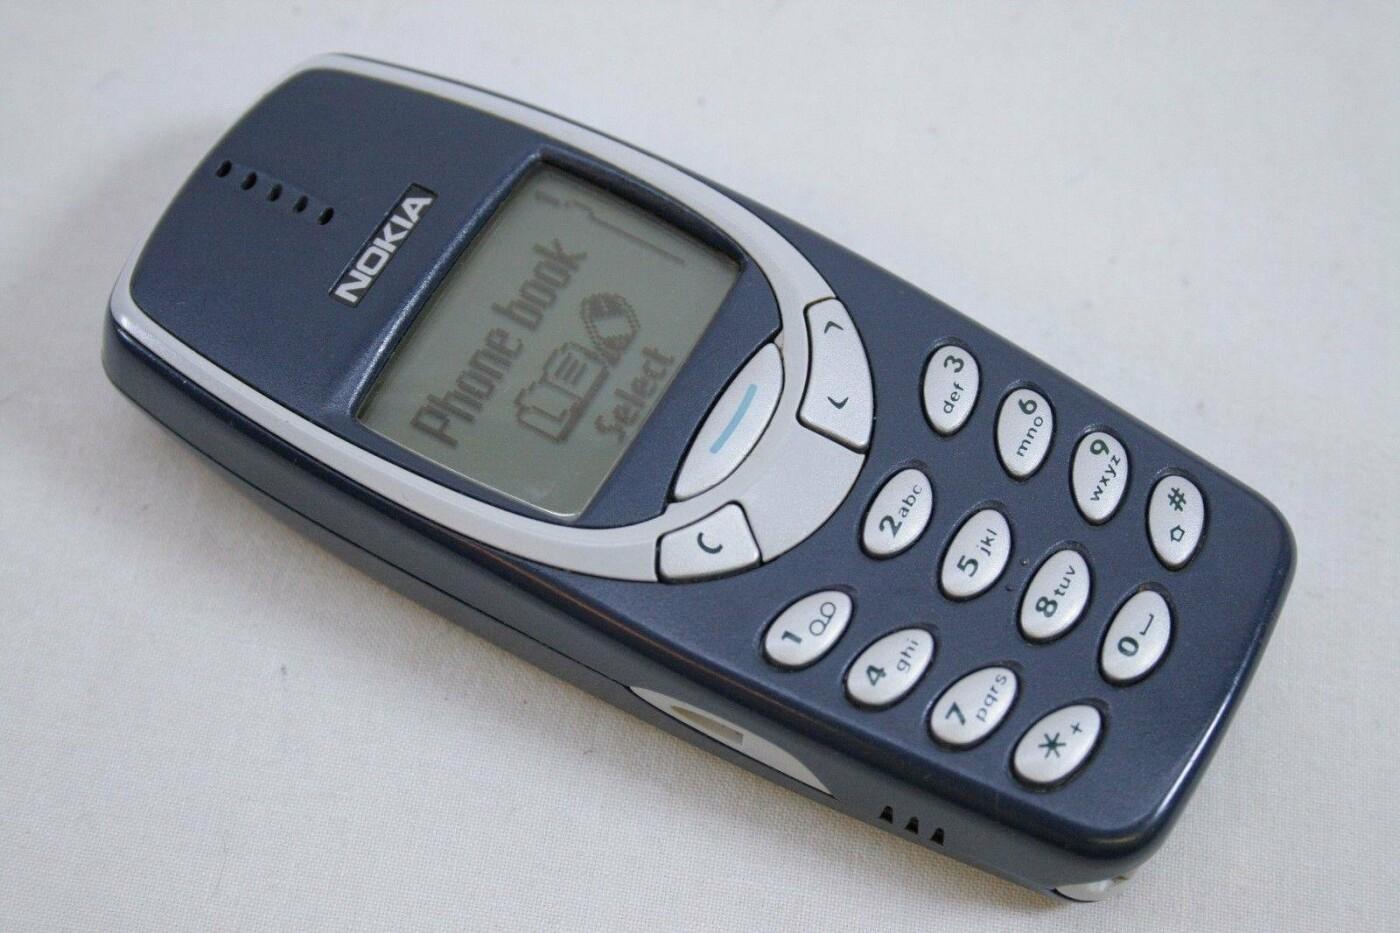 Звонок Кравчука и «змейка» на Nokia: когда и как в Киеве появились мобильные телефоны